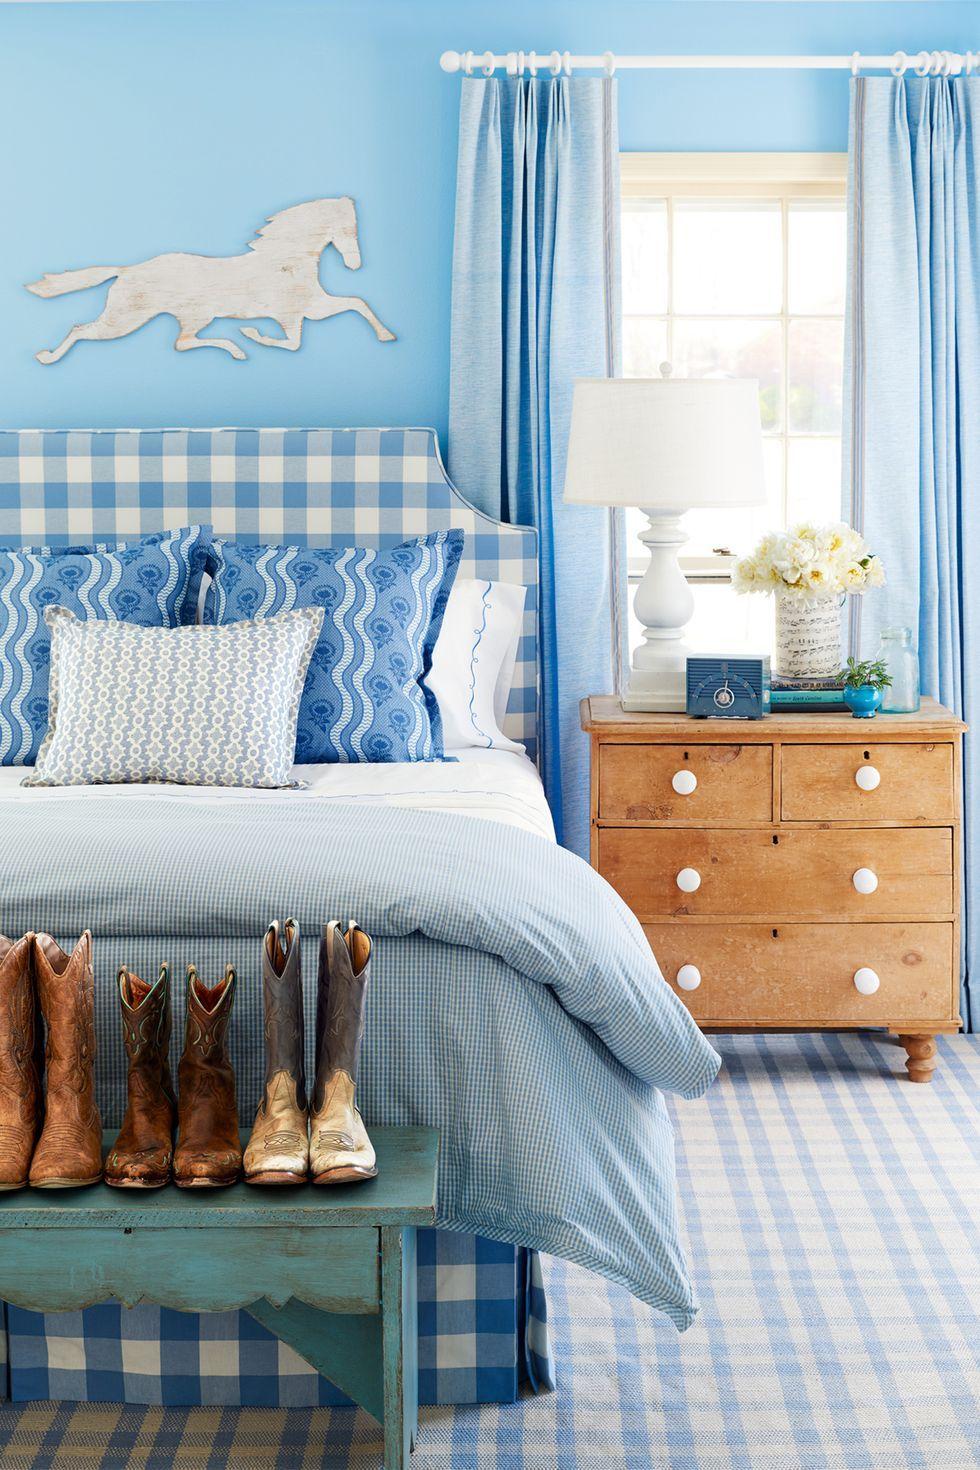 مدل اتاق خواب دیدنی آبی رنگ زیبا در سال 2020 مخصوص تینیجرها